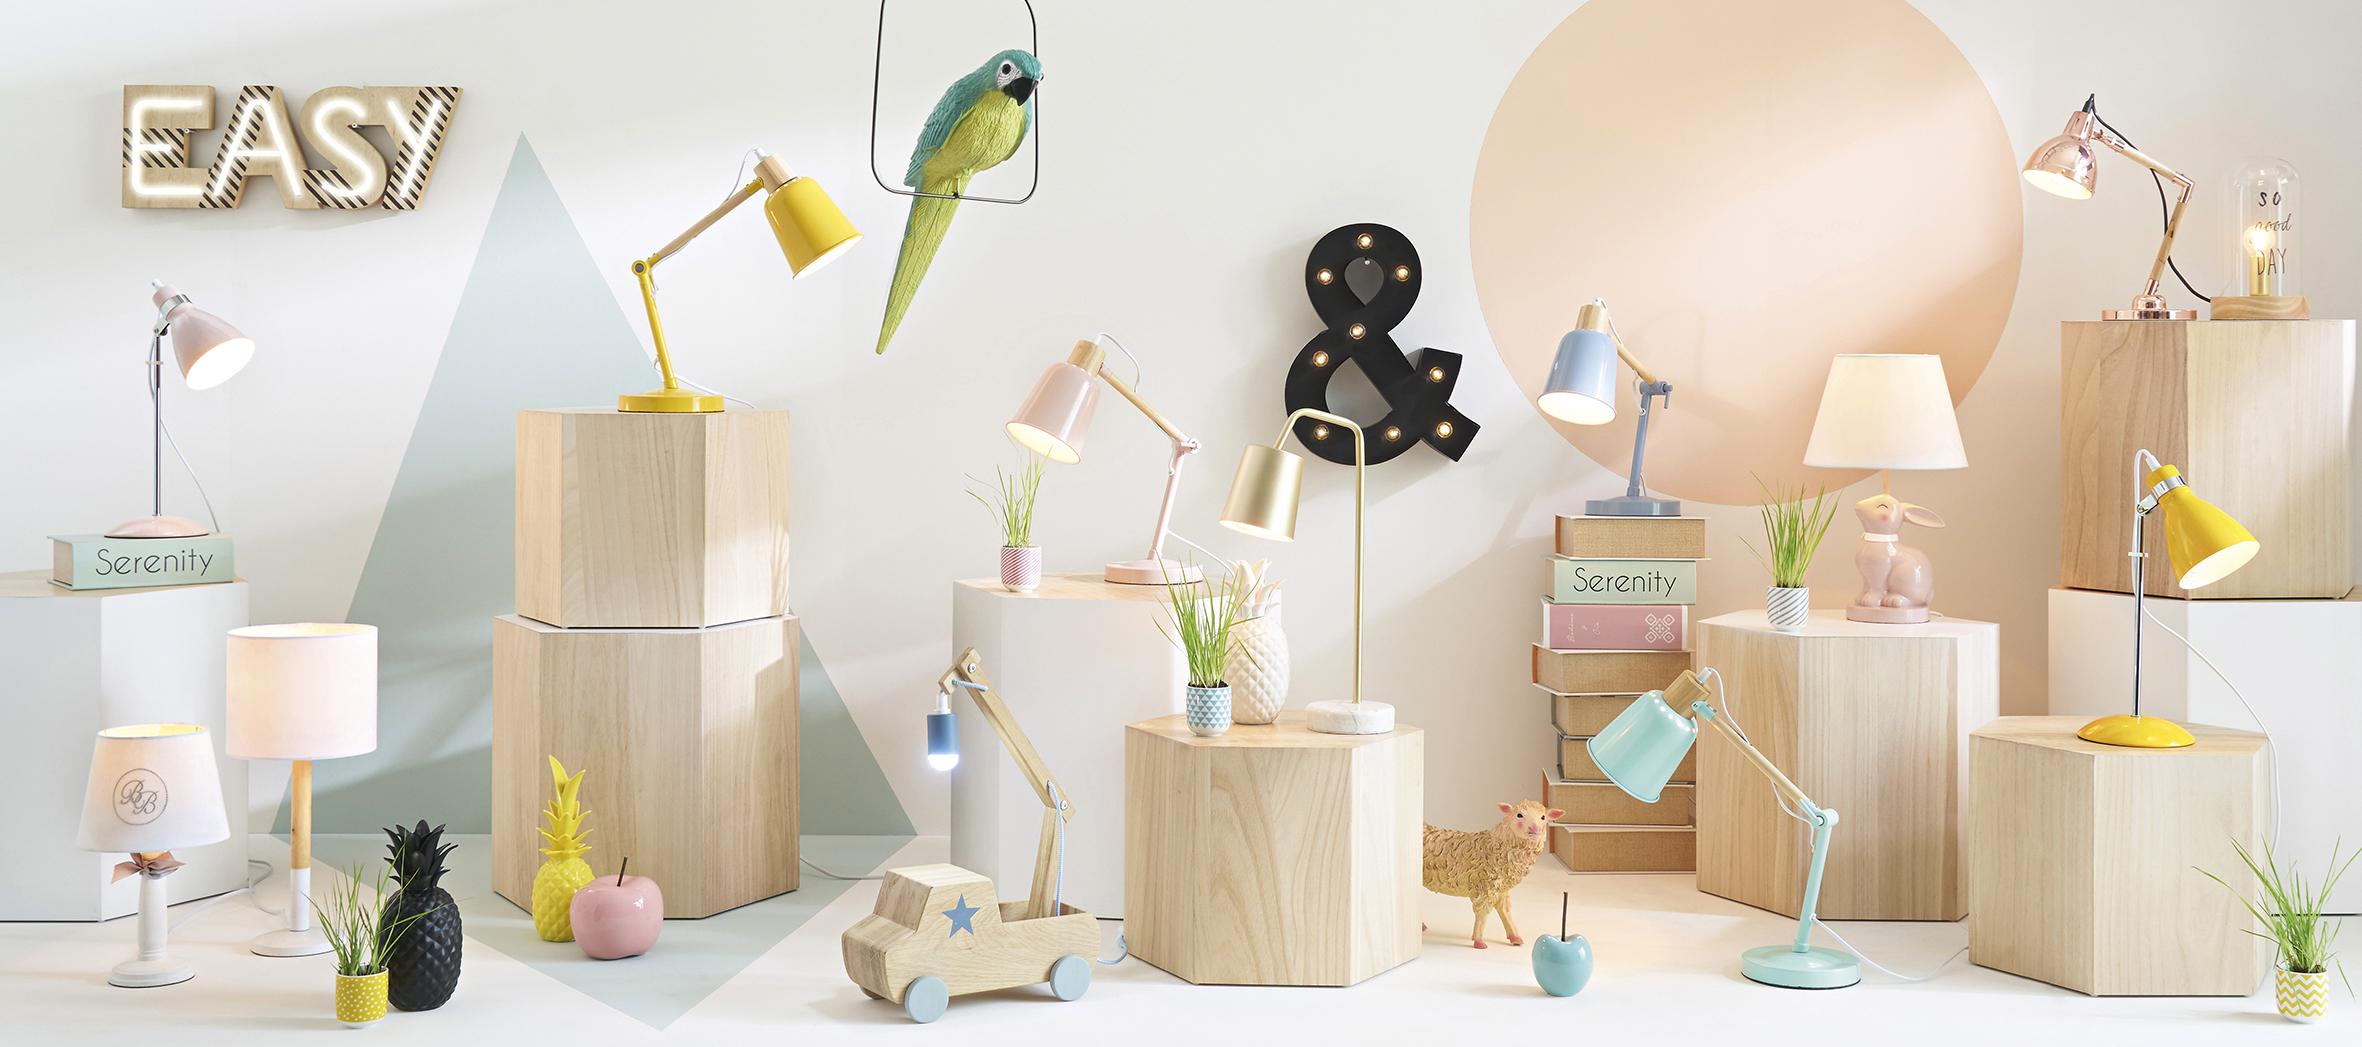 Maisons du monde lance son premier catalogue luminaires for Lampada piantana maison du monde